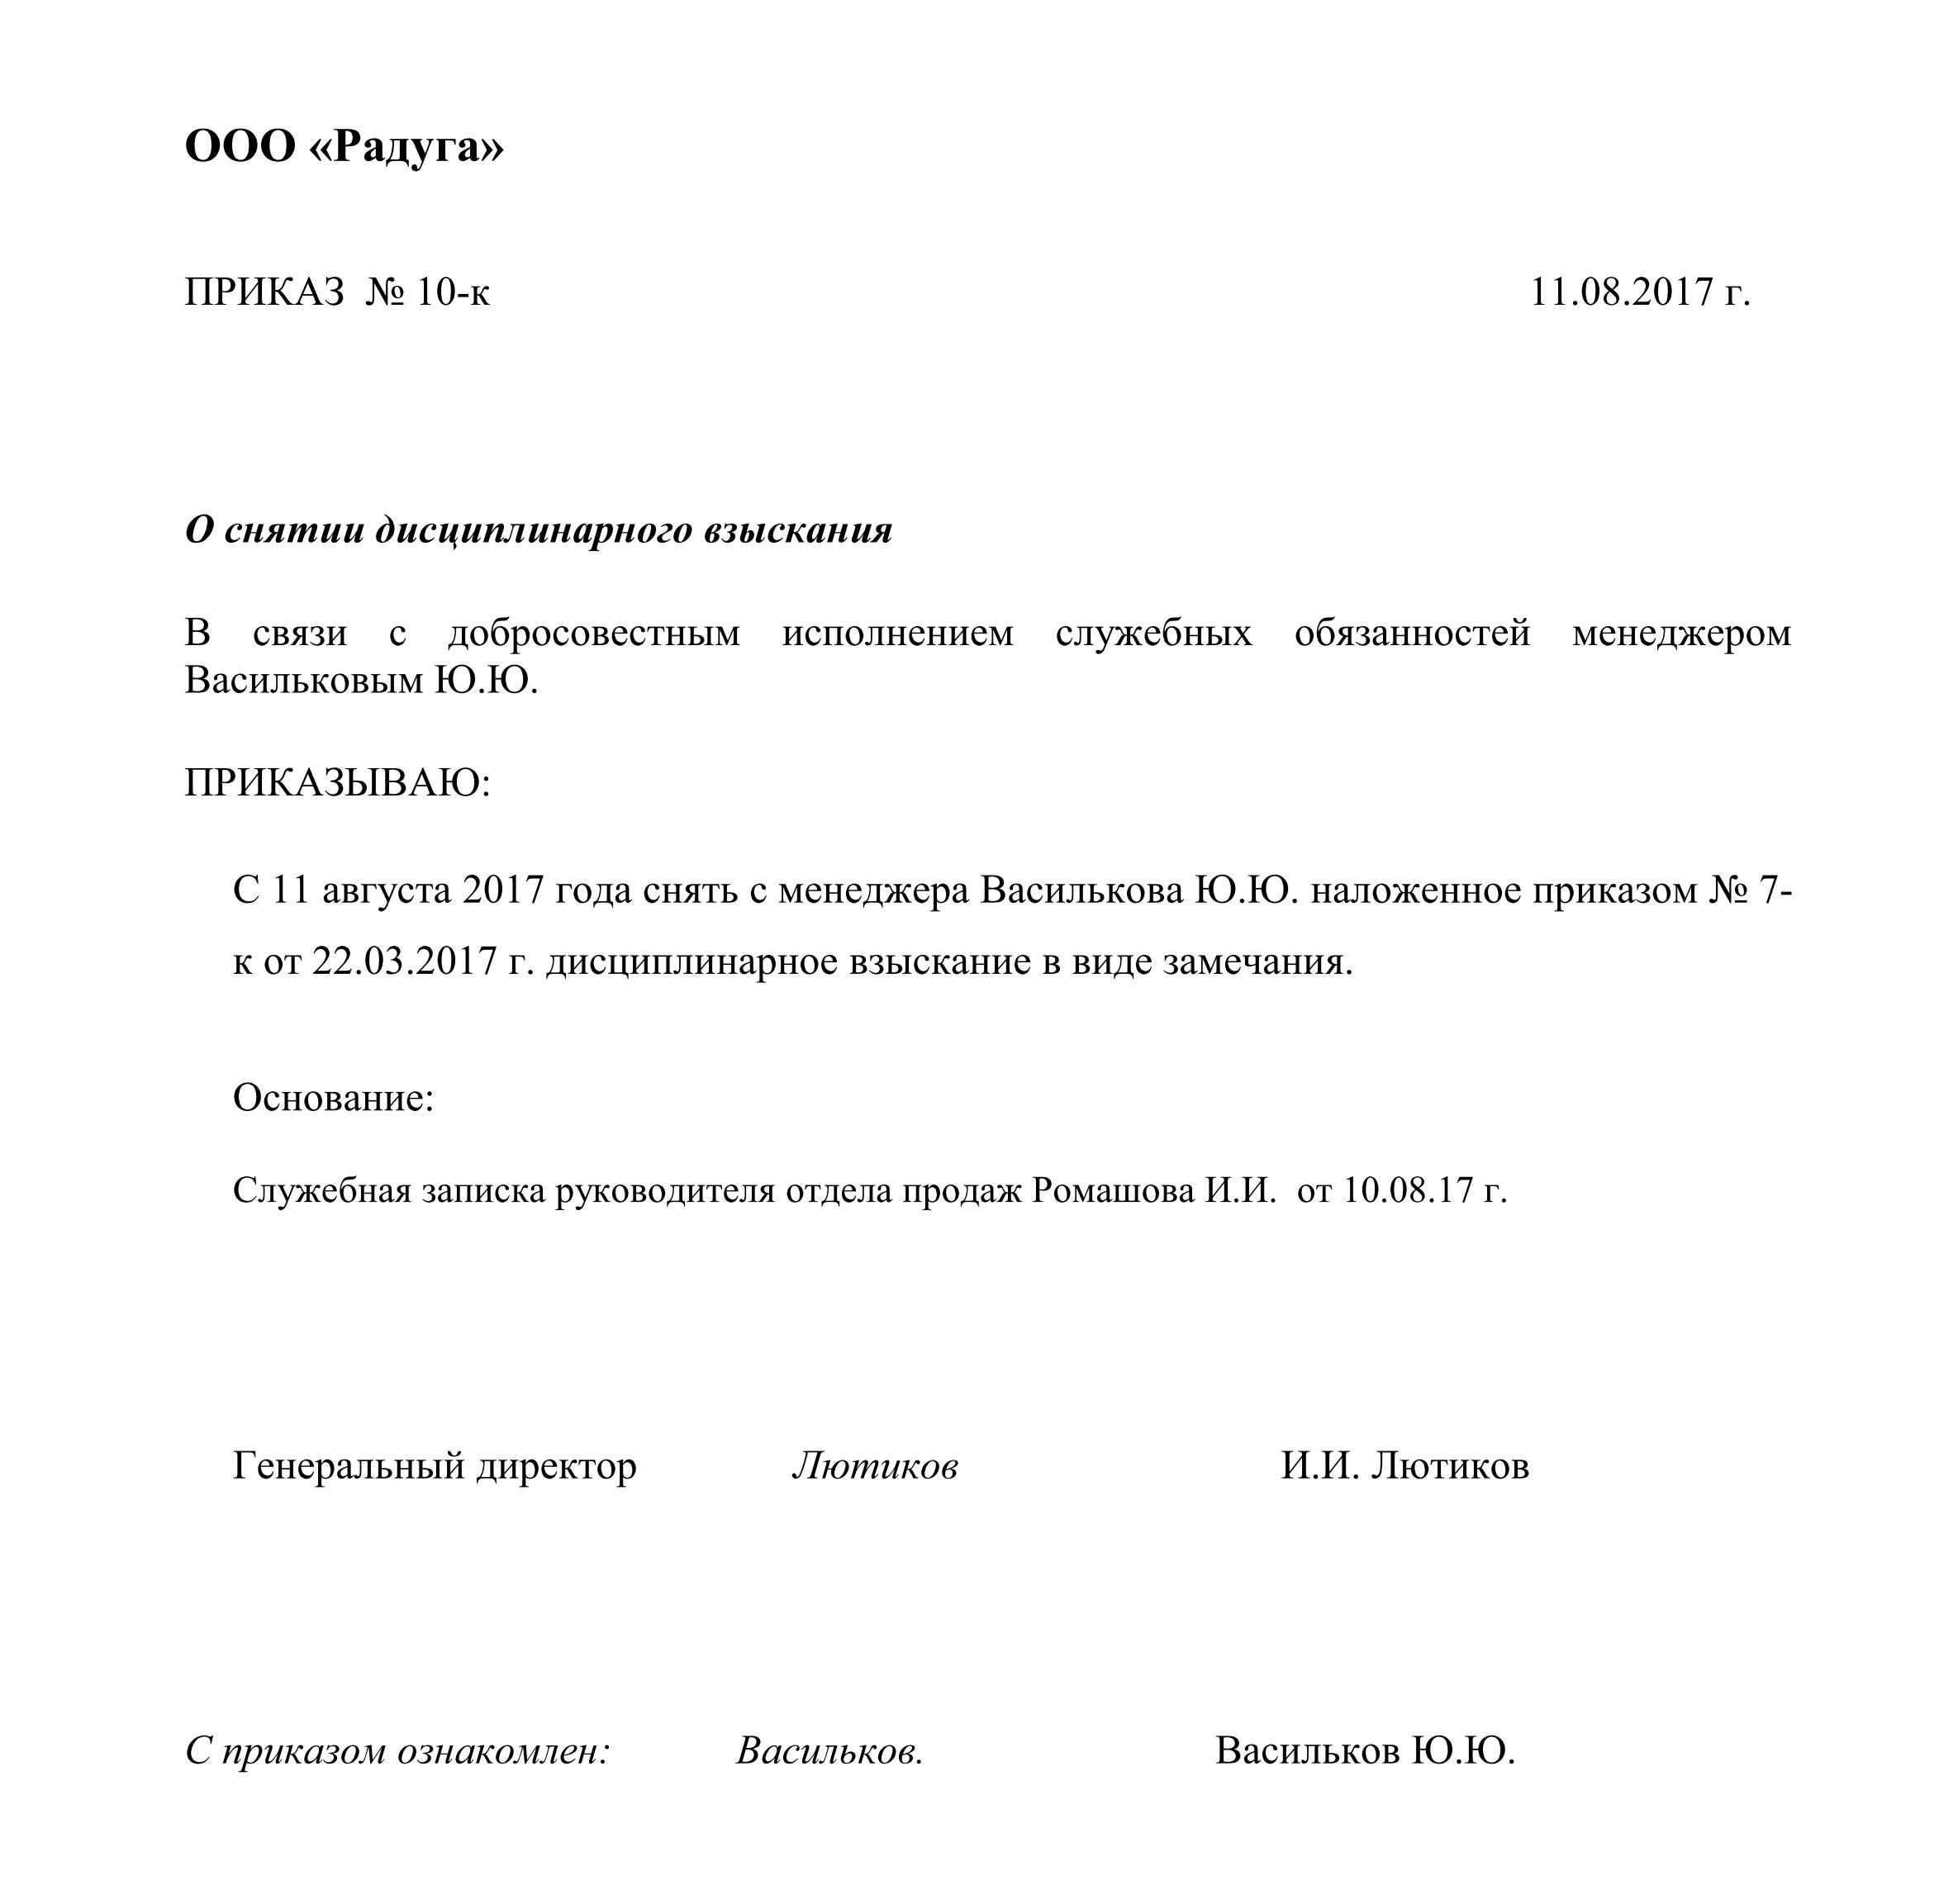 Отмена приказа о дисциплинарном взыскании образец